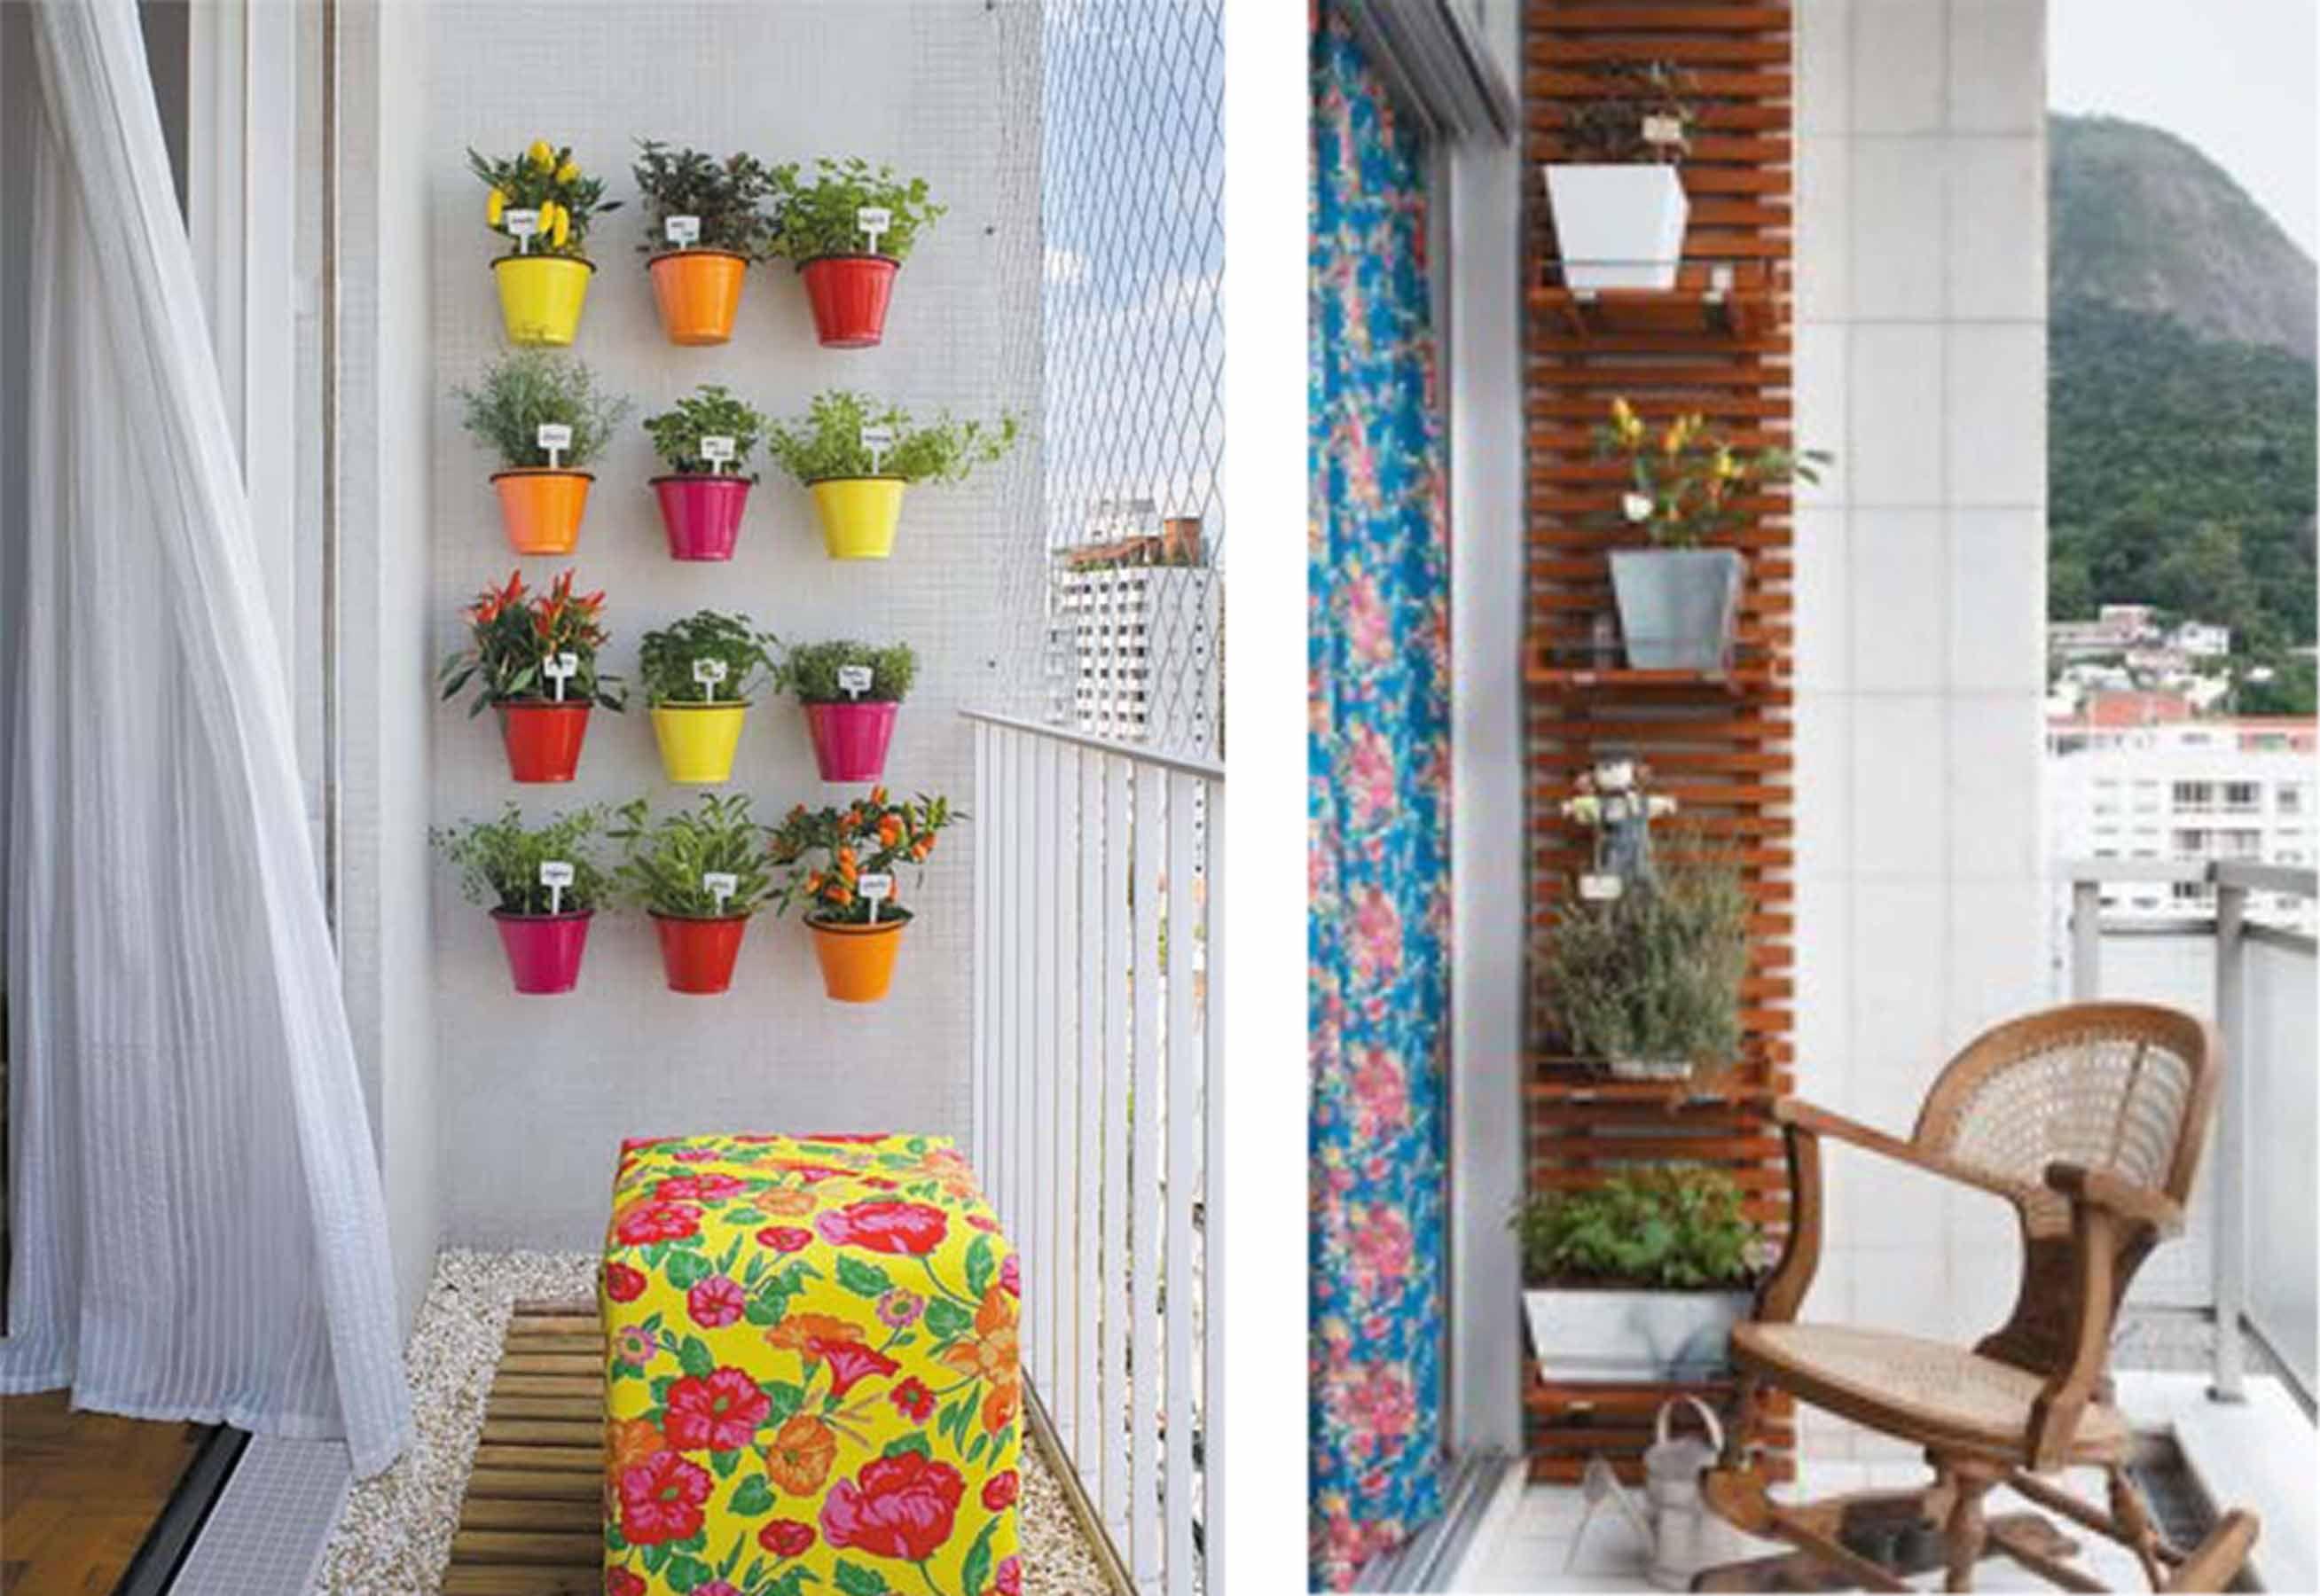 Apartamento Sustentavel Horta Vertical Ecoatitude Porto Freire  ~ Horta De Temperos Na Cozinha